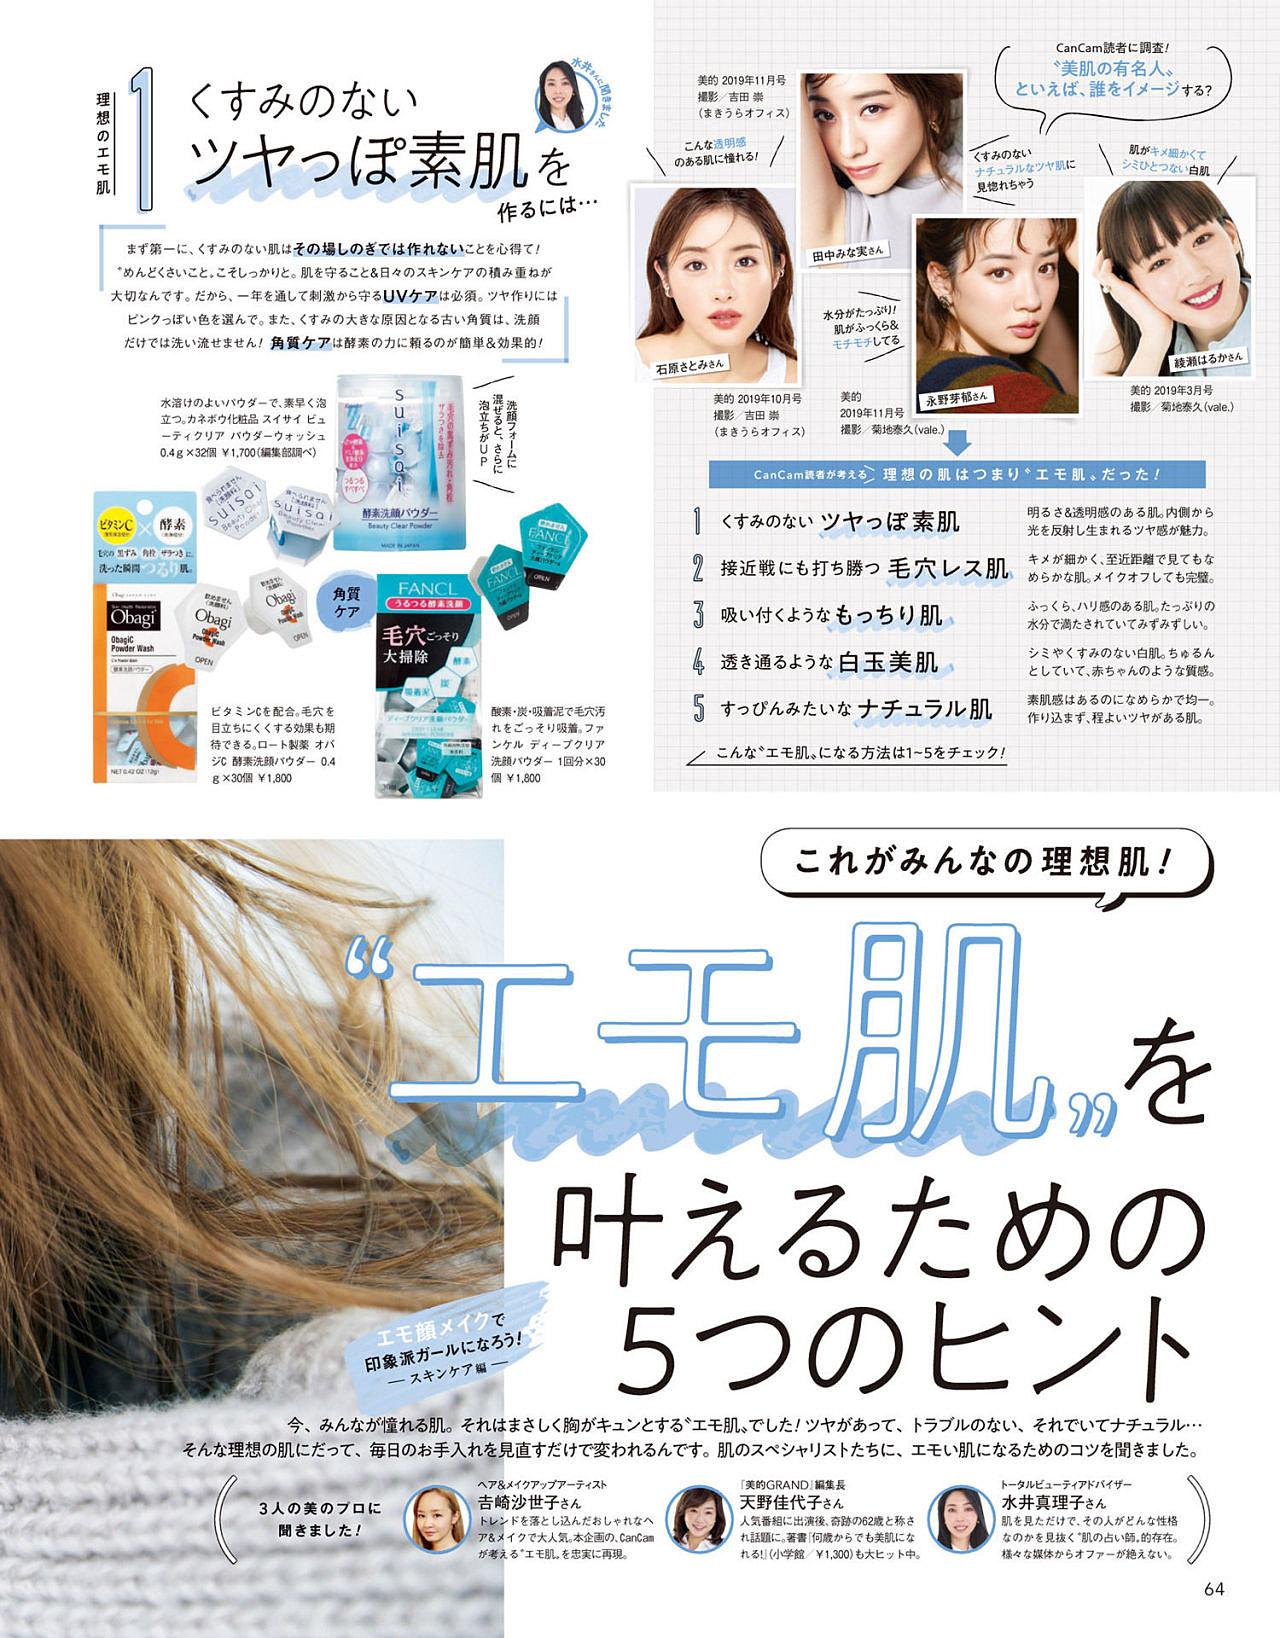 SMatsumura CanCam 2002 02.jpg